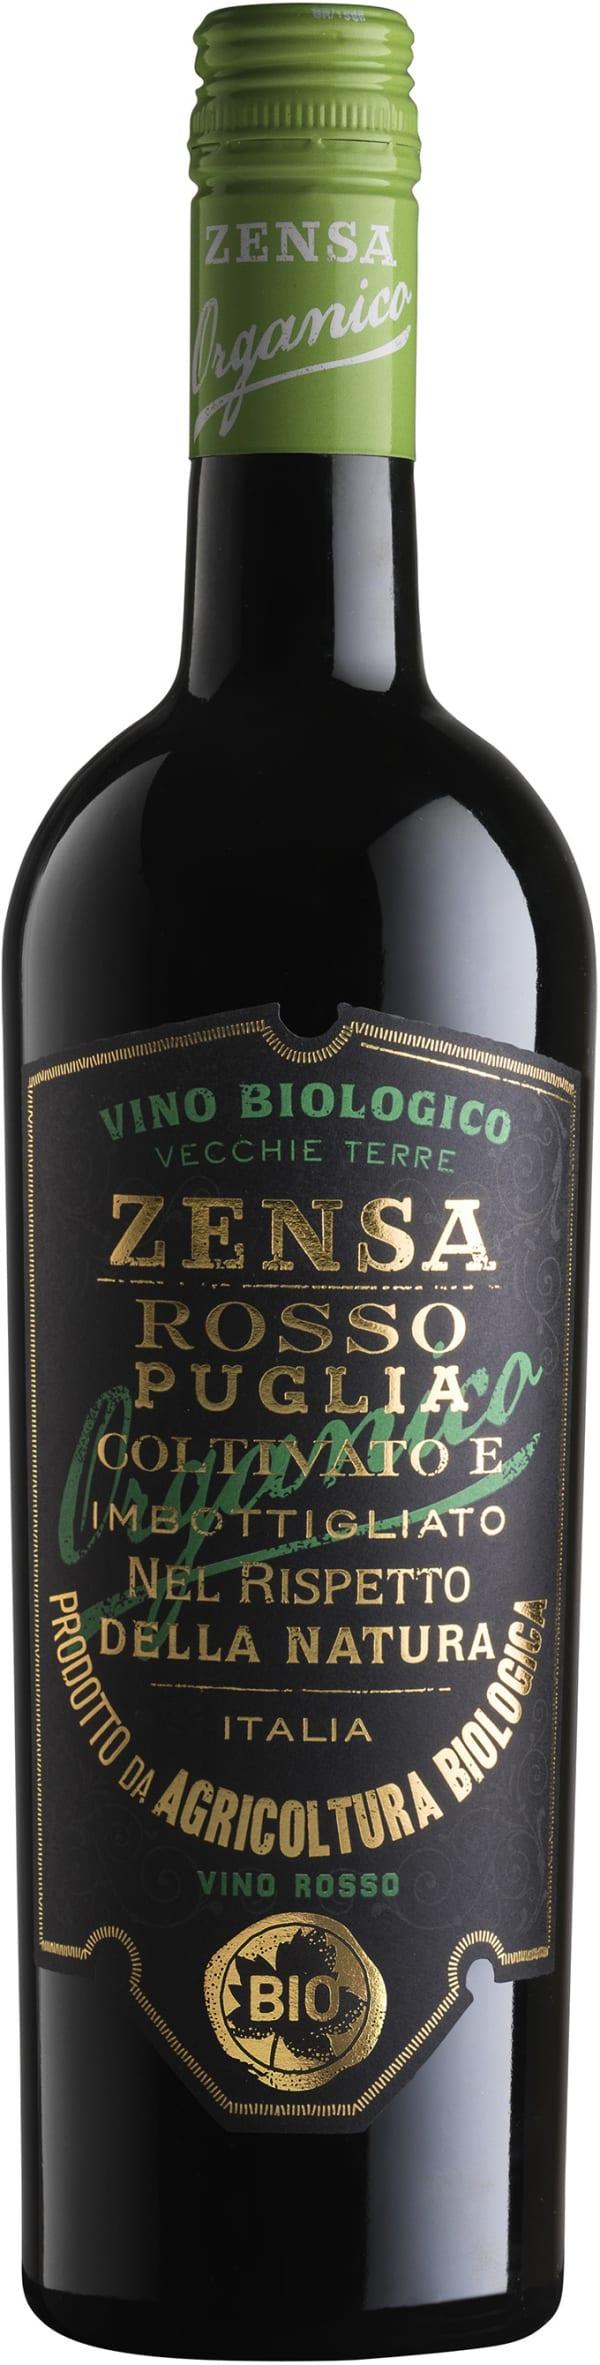 Zensa Rosso Organico 2016